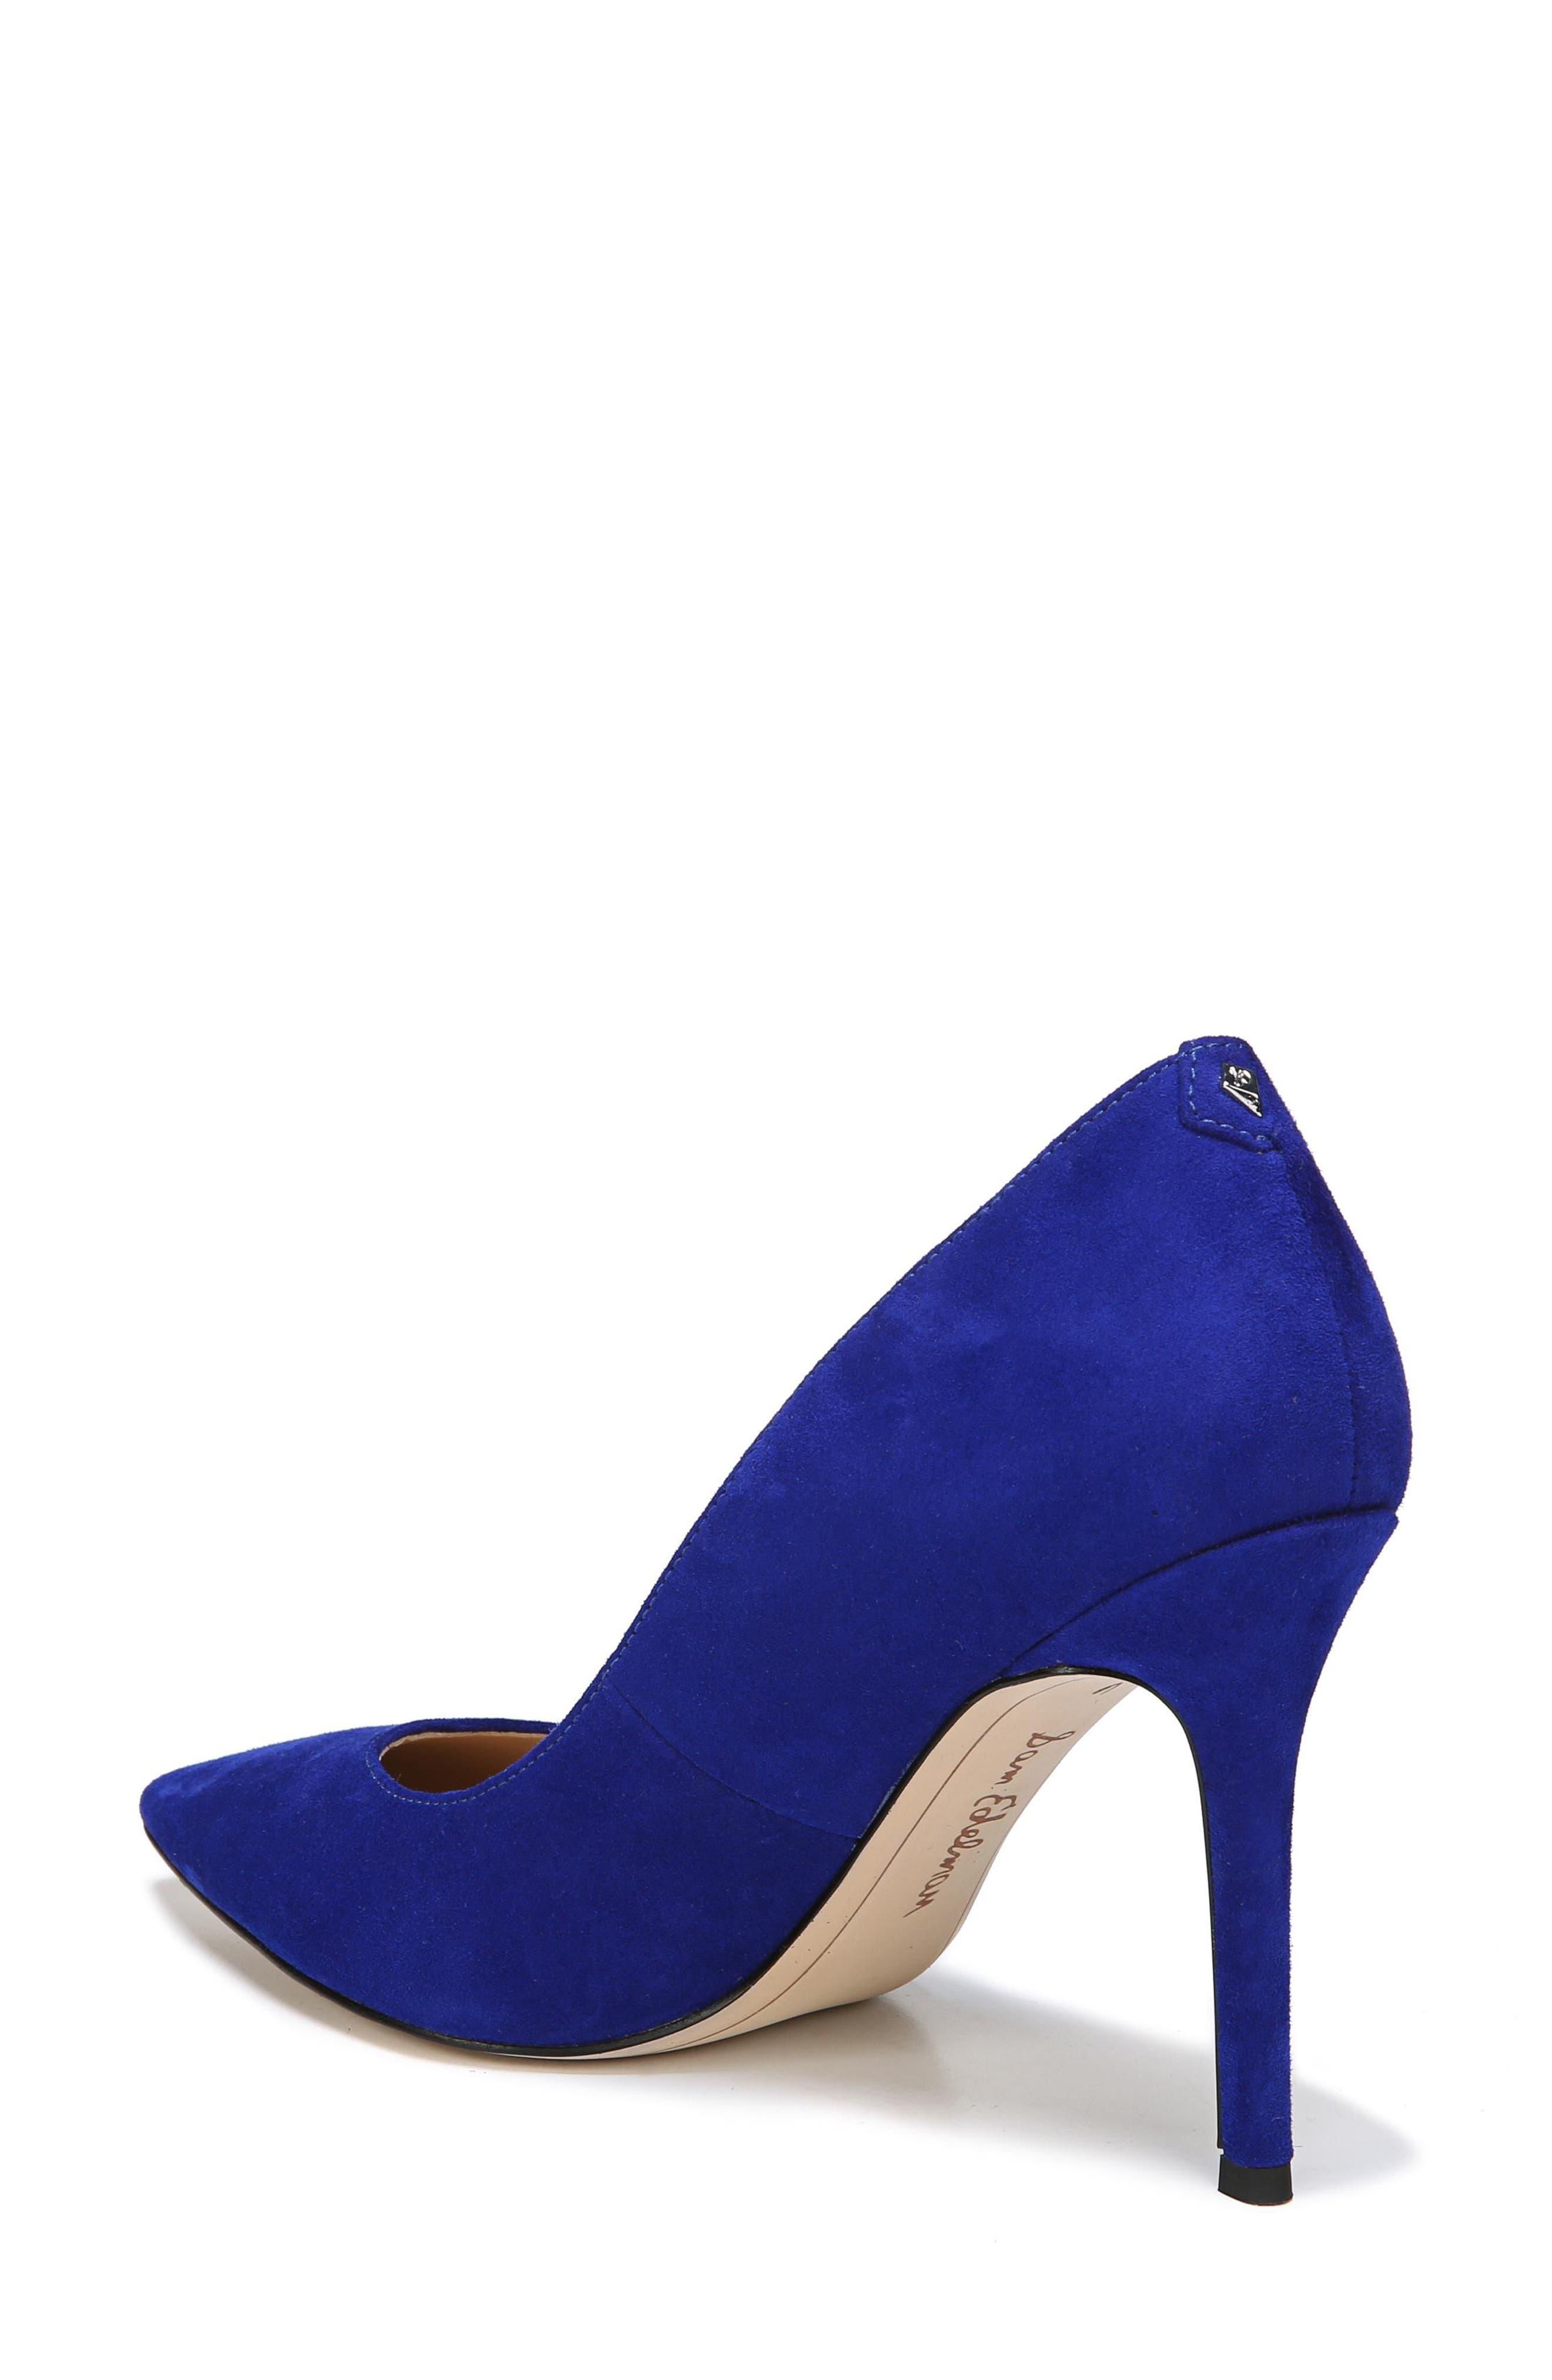 Purple Heels & High-Heel Shoes for Women | Nordstrom